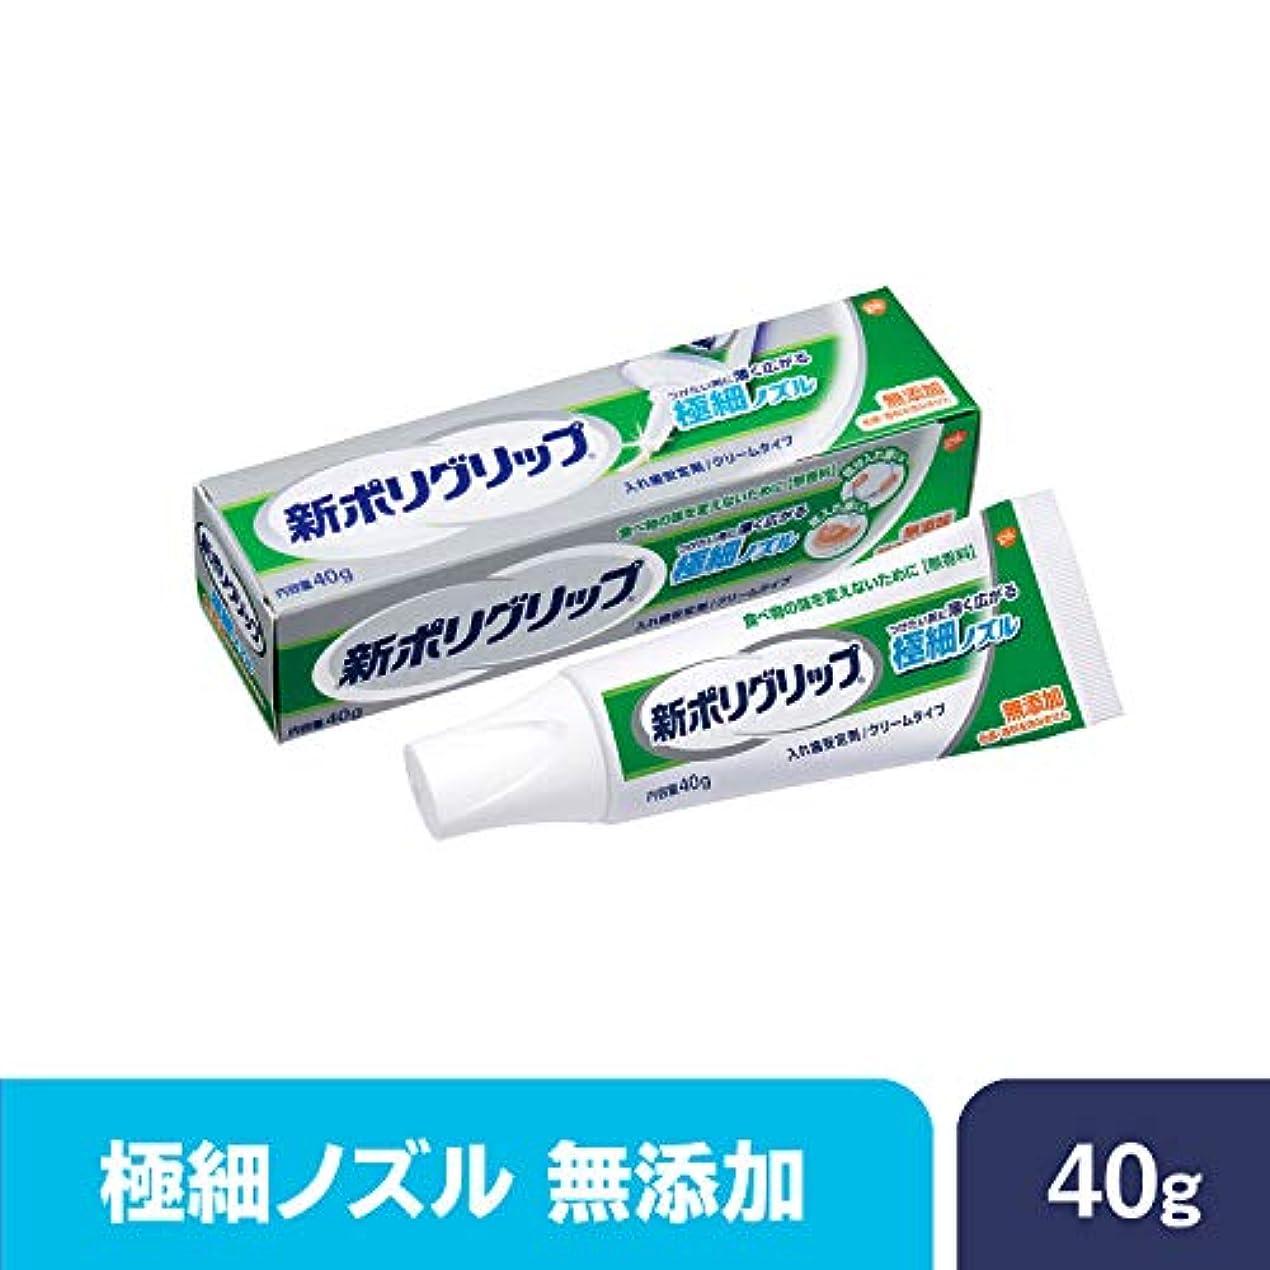 キャンセル壮大炭素部分?総入れ歯安定剤 新ポリグリップ極細ノズル 無添加 40g